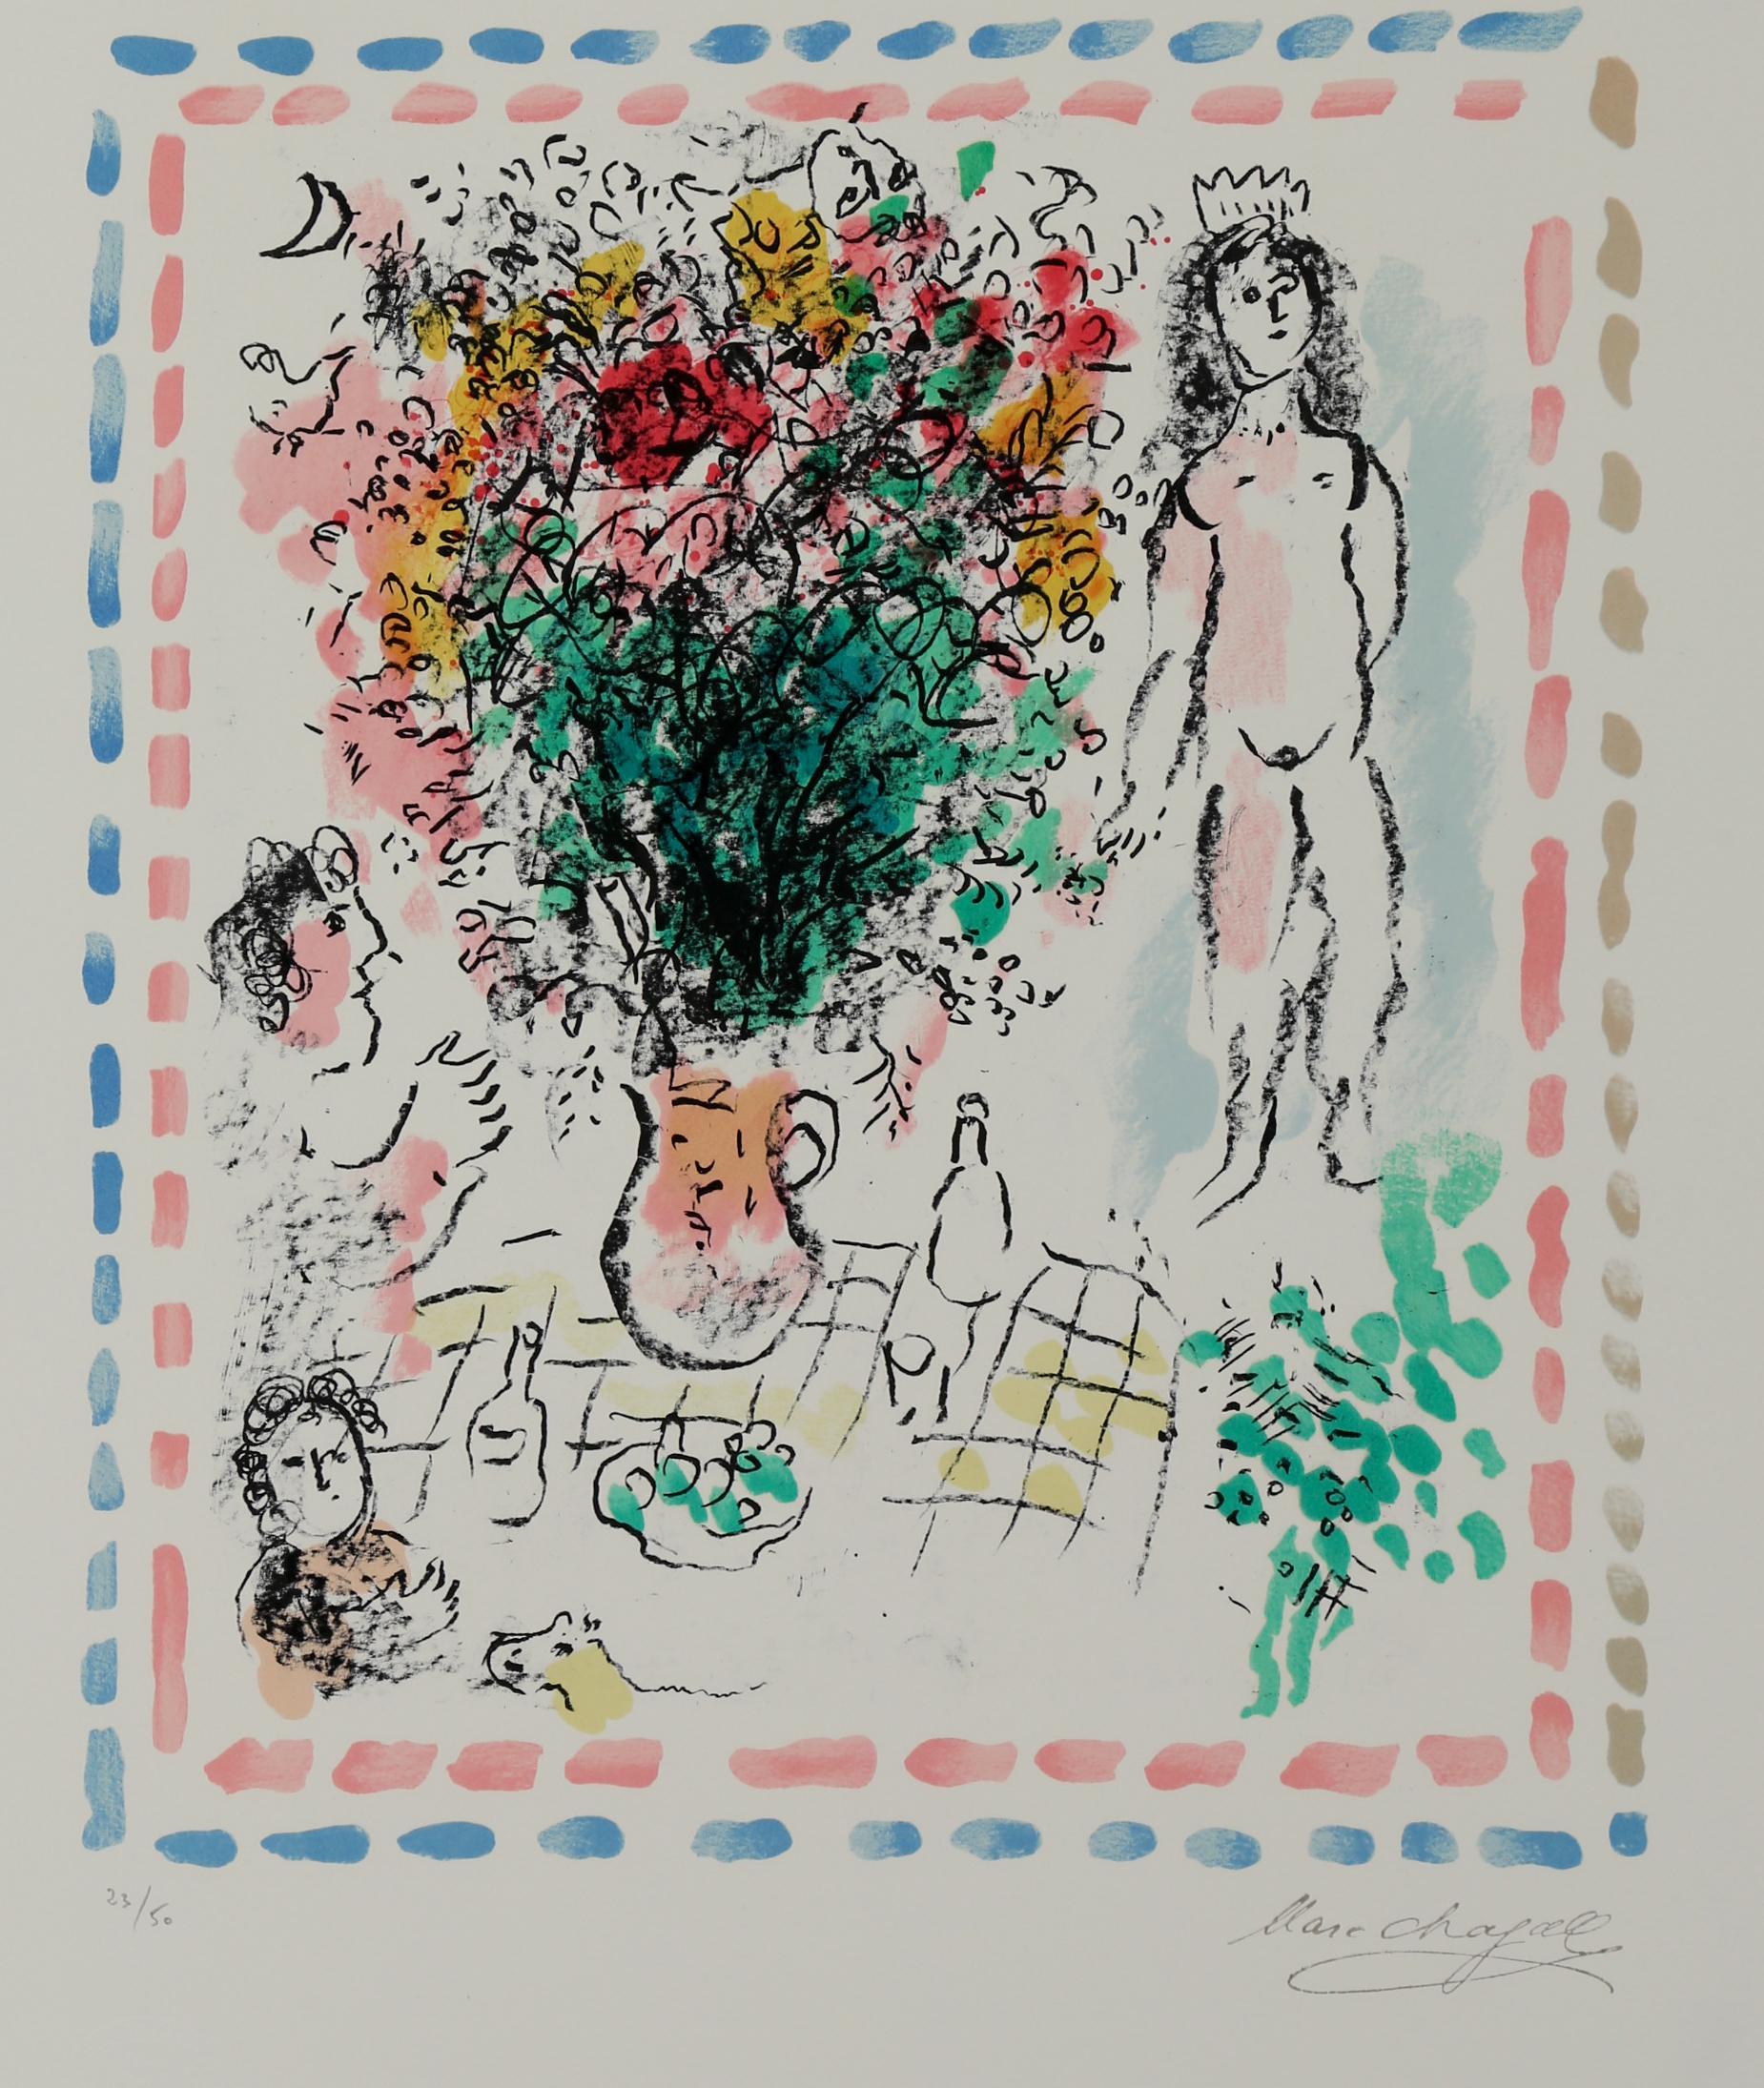 Le Bouquet de la Reine, Limited edition lithograph in colors